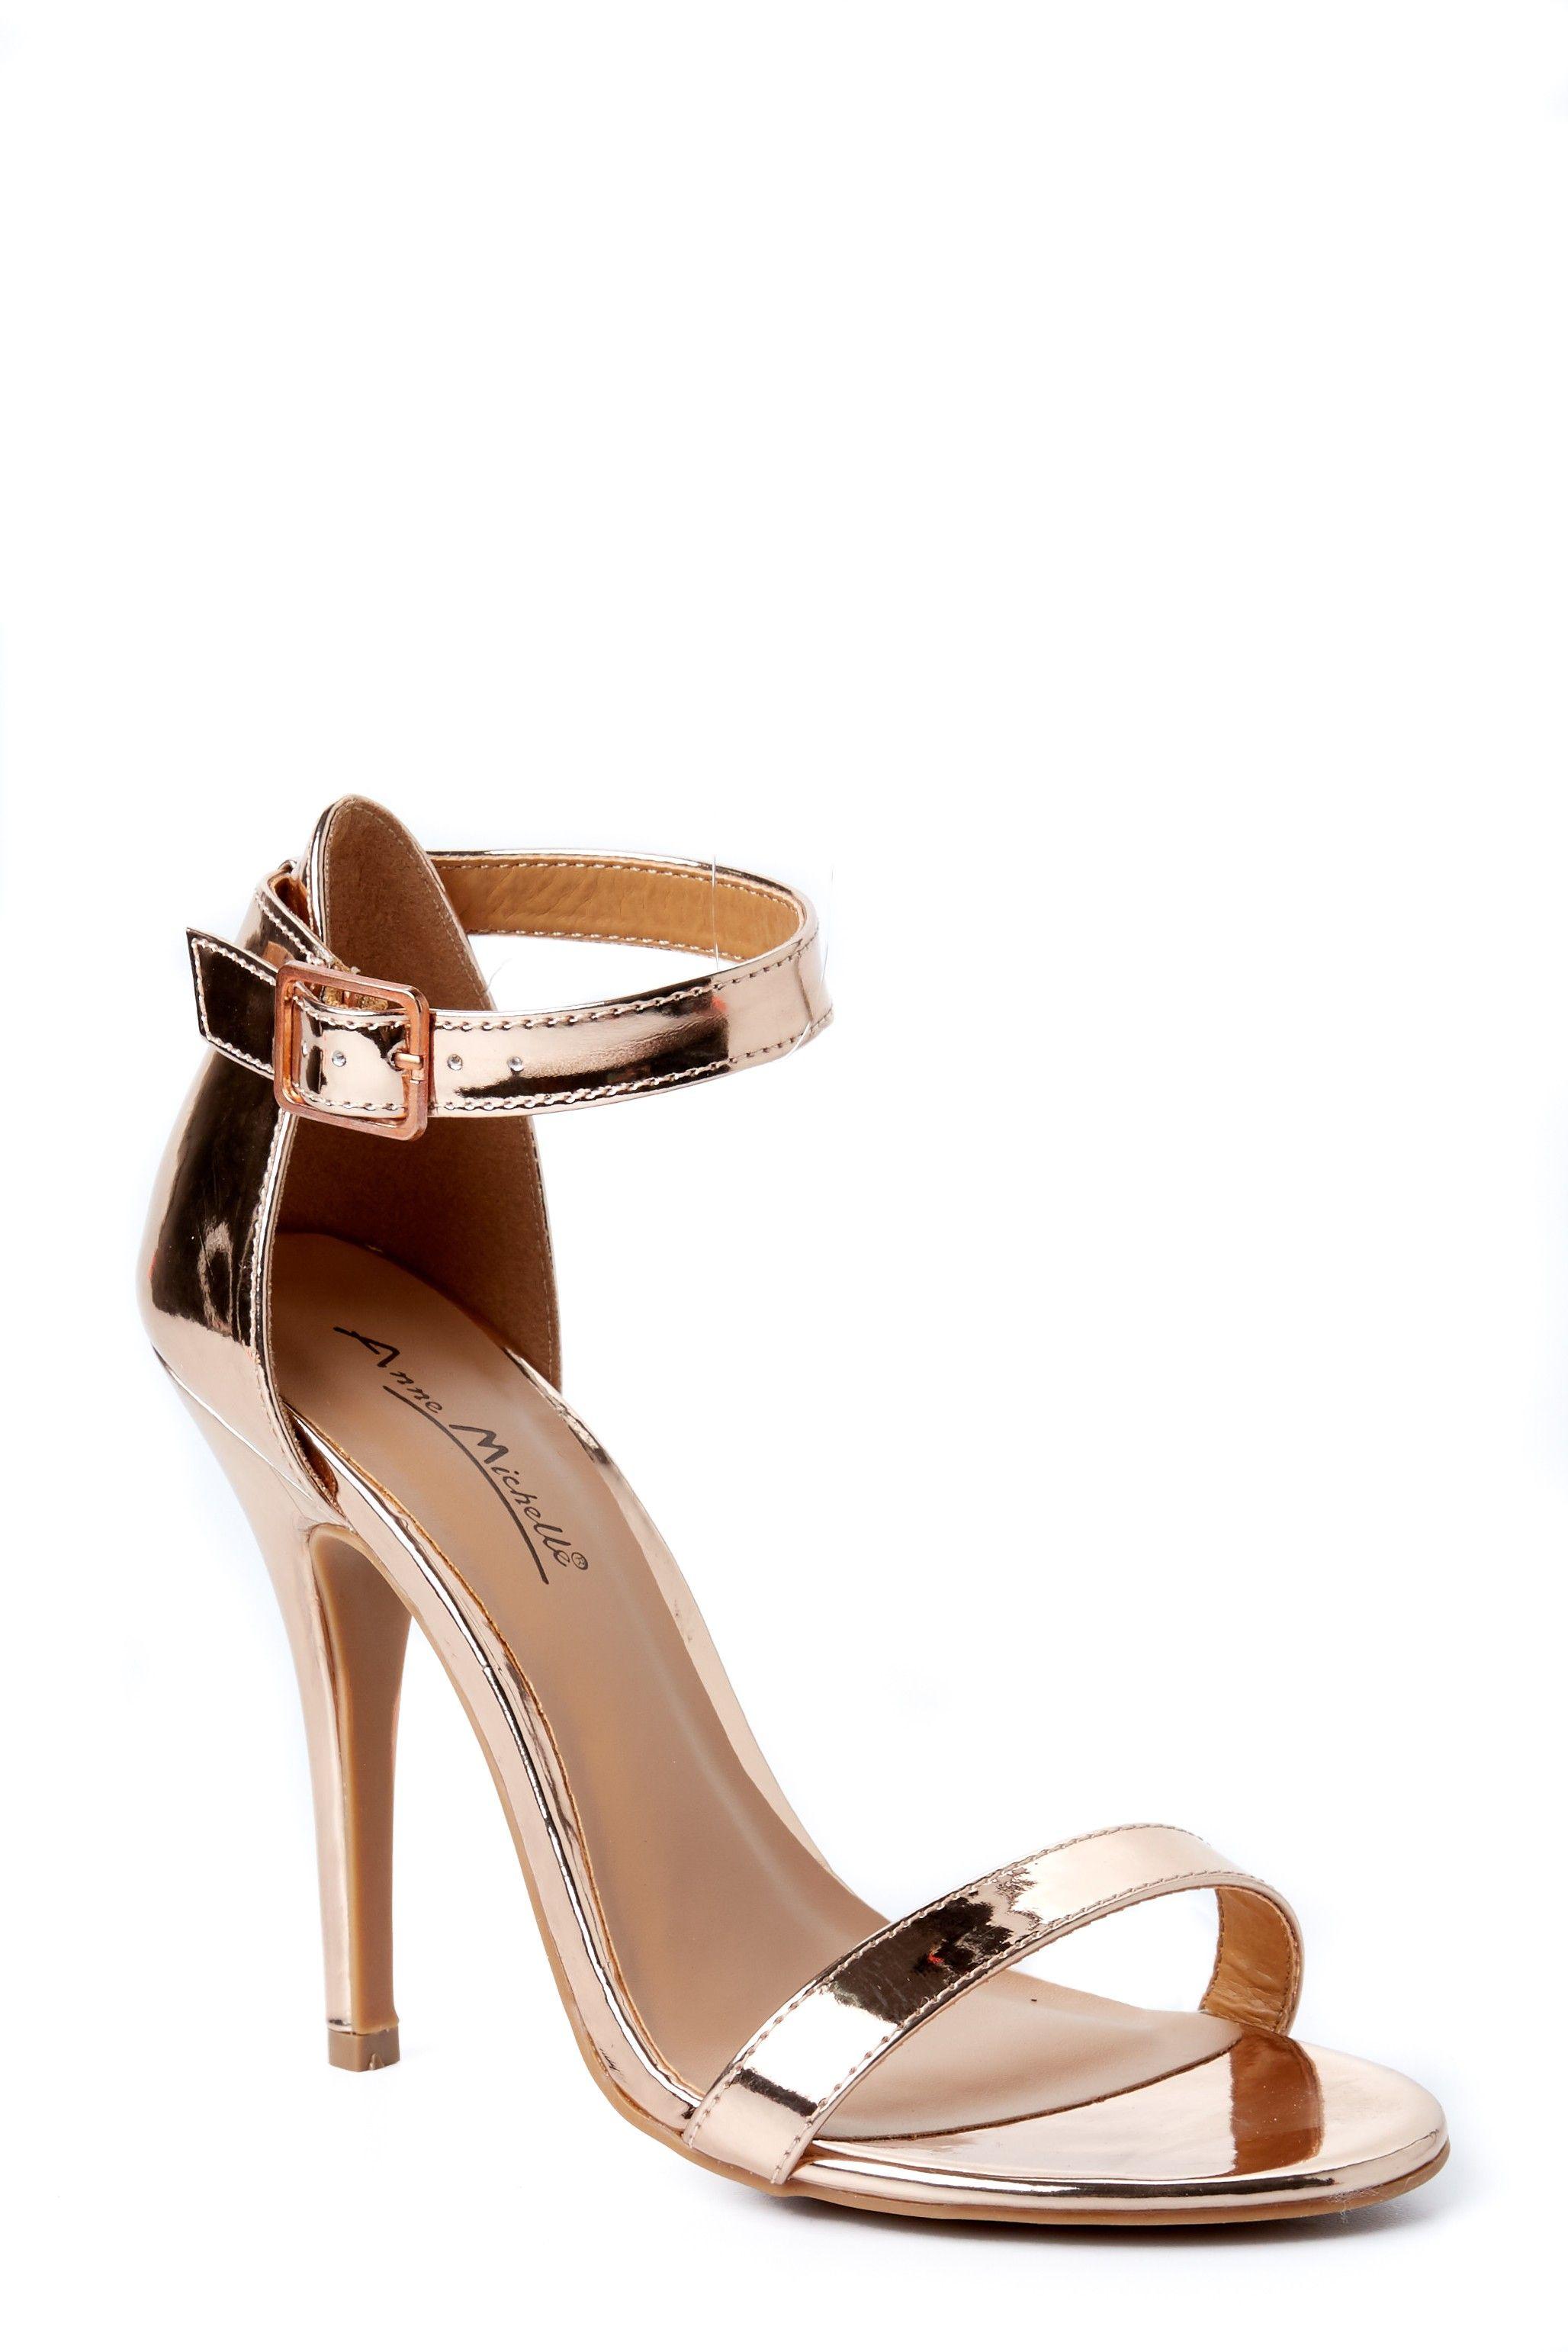 28216ff572048c Totally Timeless Rose Gold Ankle Strap Heels at reddressboutique.com